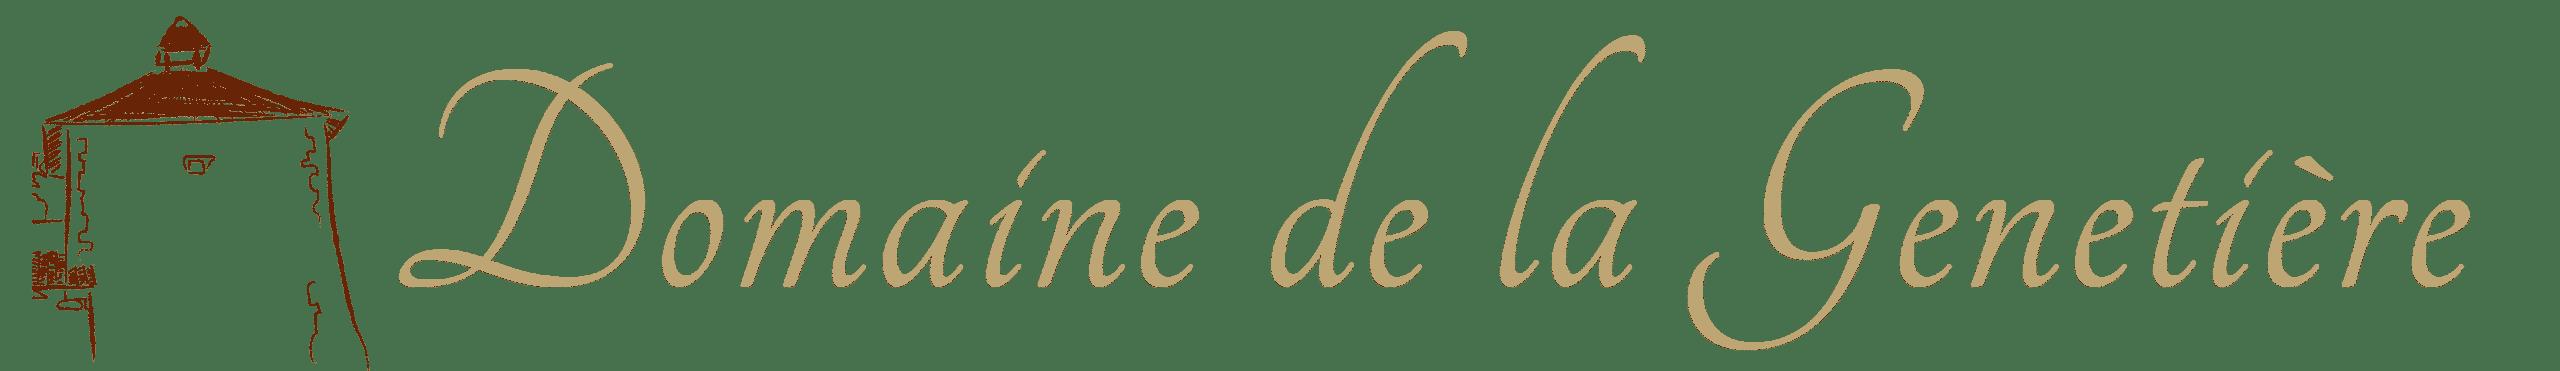 Domaine de la Genetière